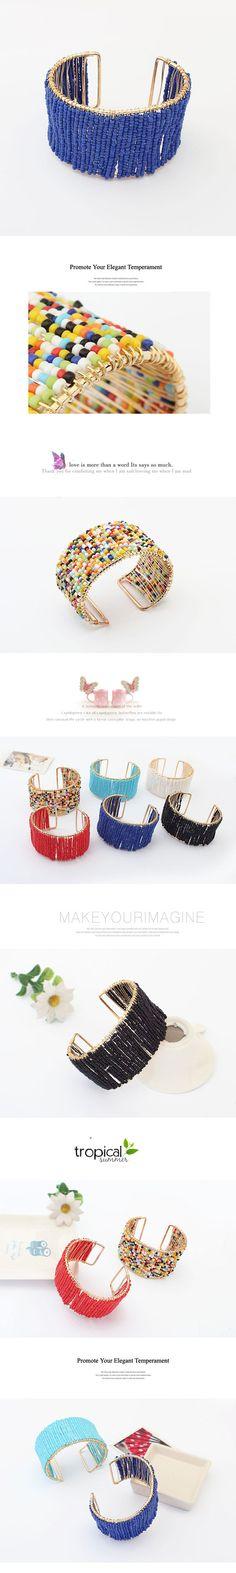 perles de rocaille en verre bracelet manchette, avec alliage de zinc, Plaqué d'or, couleur bleu foncé